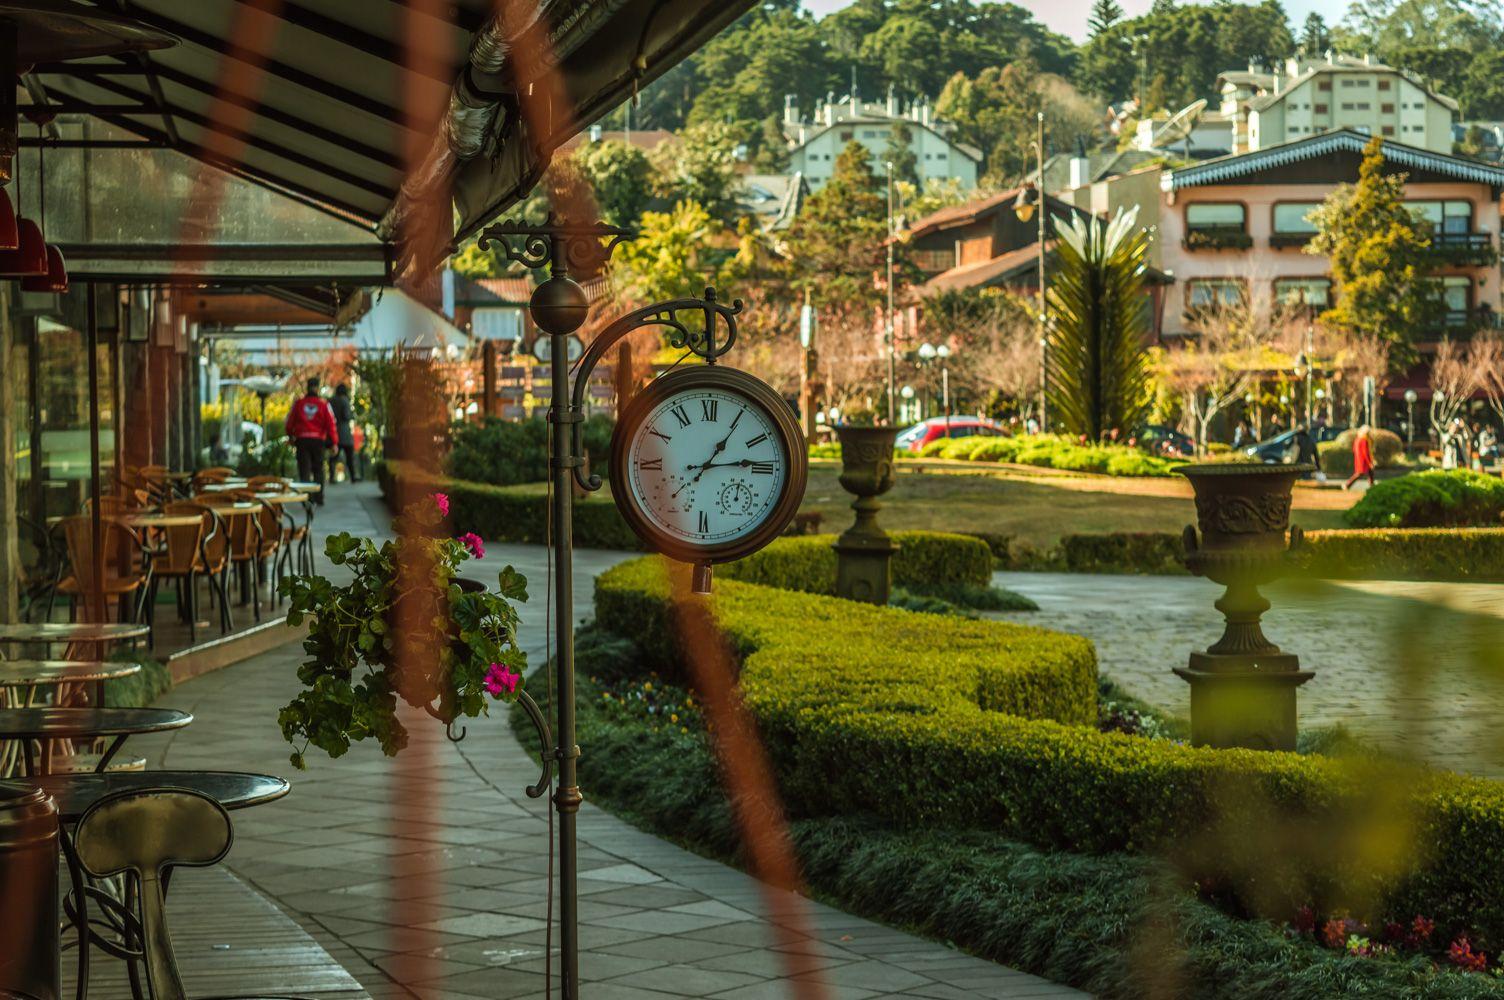 Centro da cidade de Gramado - ao lado da Igreja São Pedro.